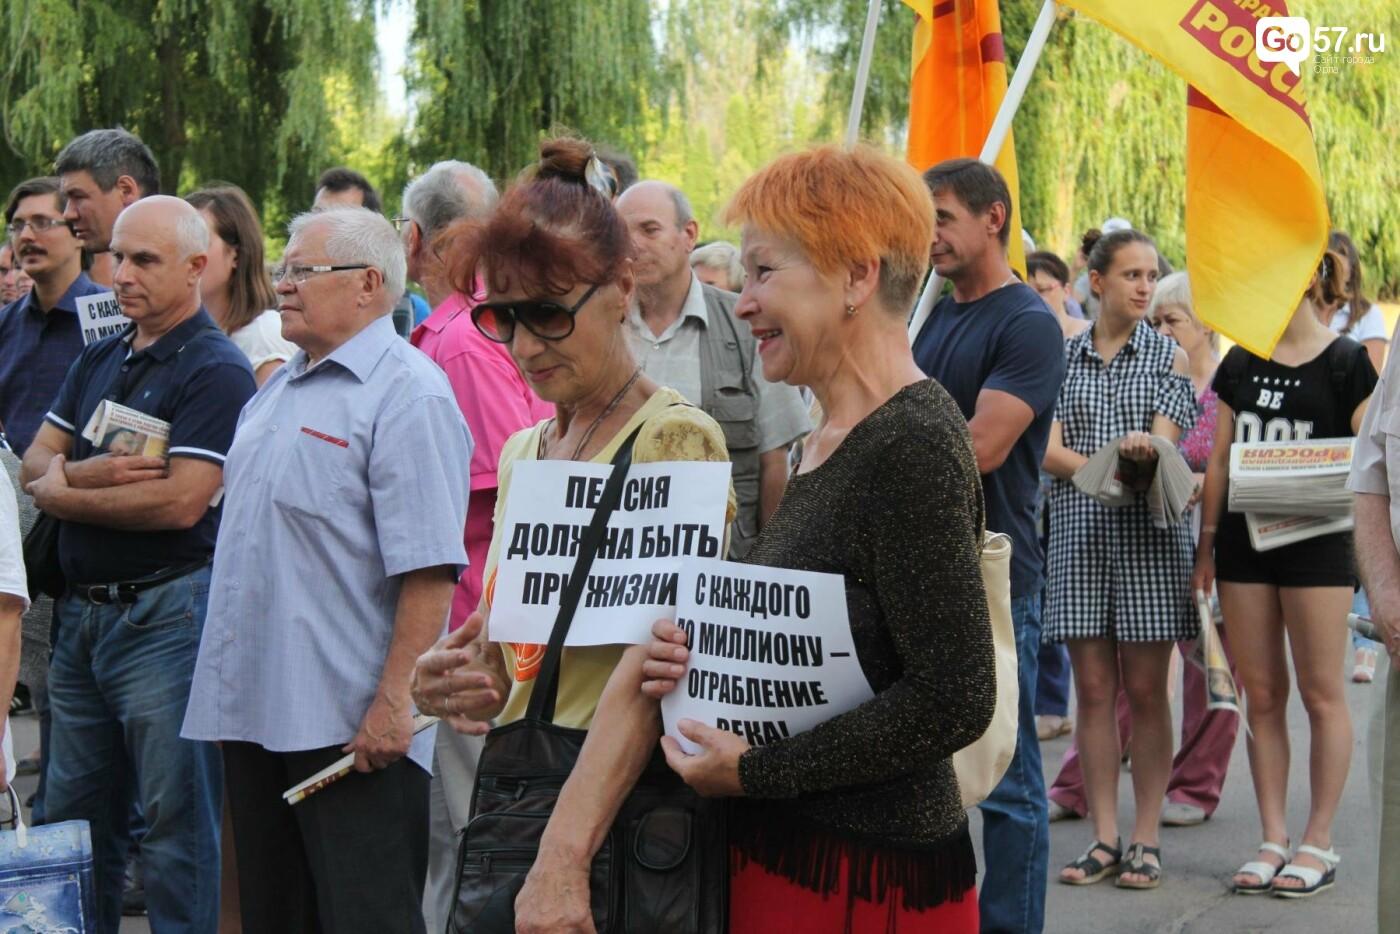 В Орле прошел митинг против повышения пенсионного возраста, фото-3